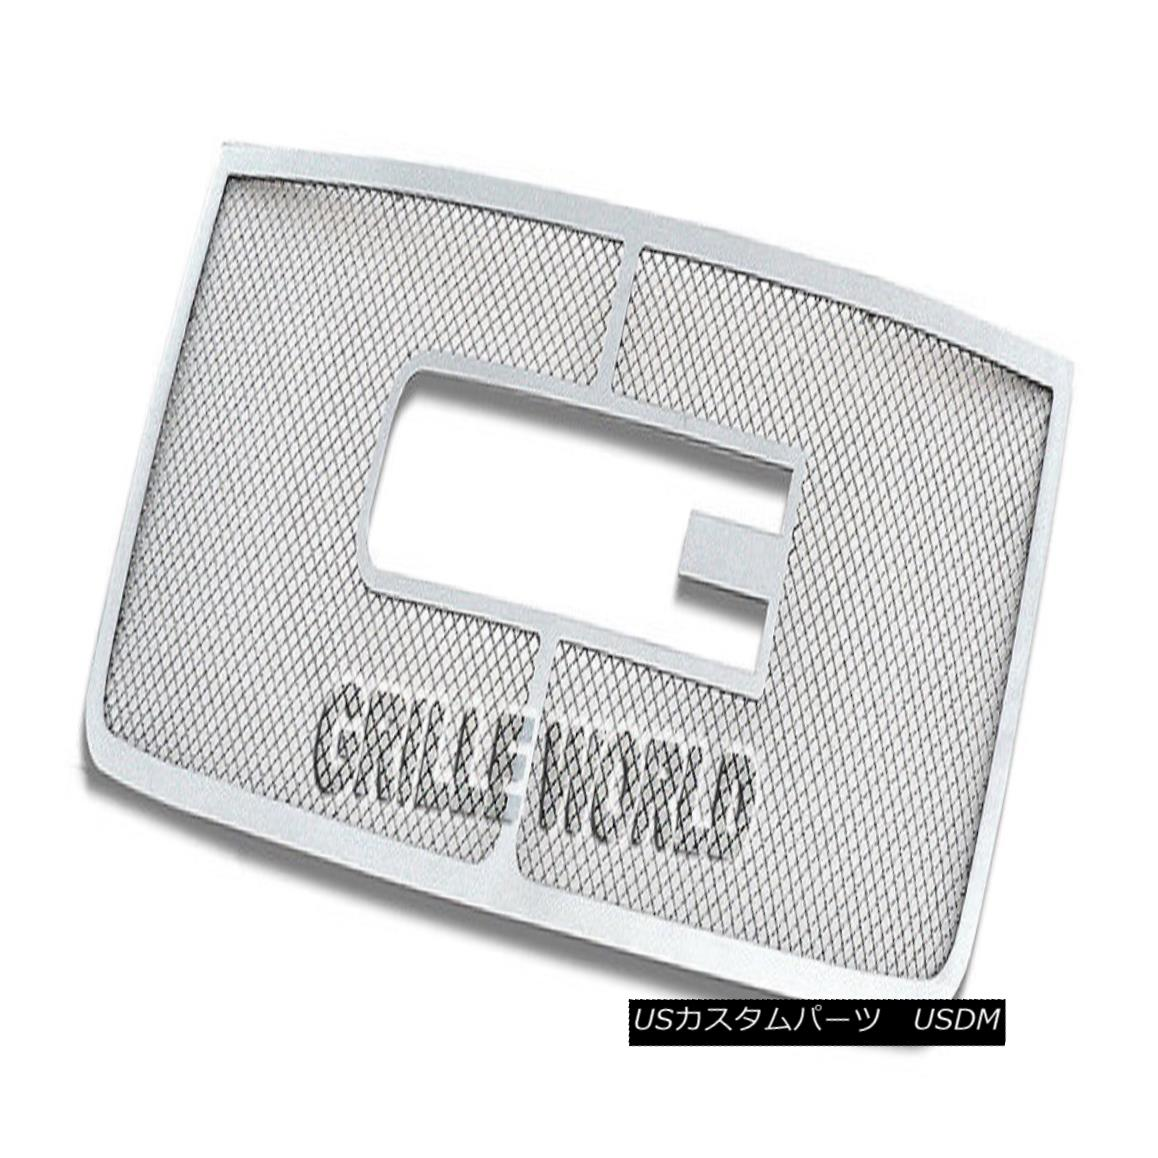 グリル Customized For 07-10 GMC Sierra 2500/3500/HD Stainless Mesh Premium Grille 07-10 GMC Sierra 2500/3500 / HDステンレスメッシュプレミアムグリル用にカスタマイズ